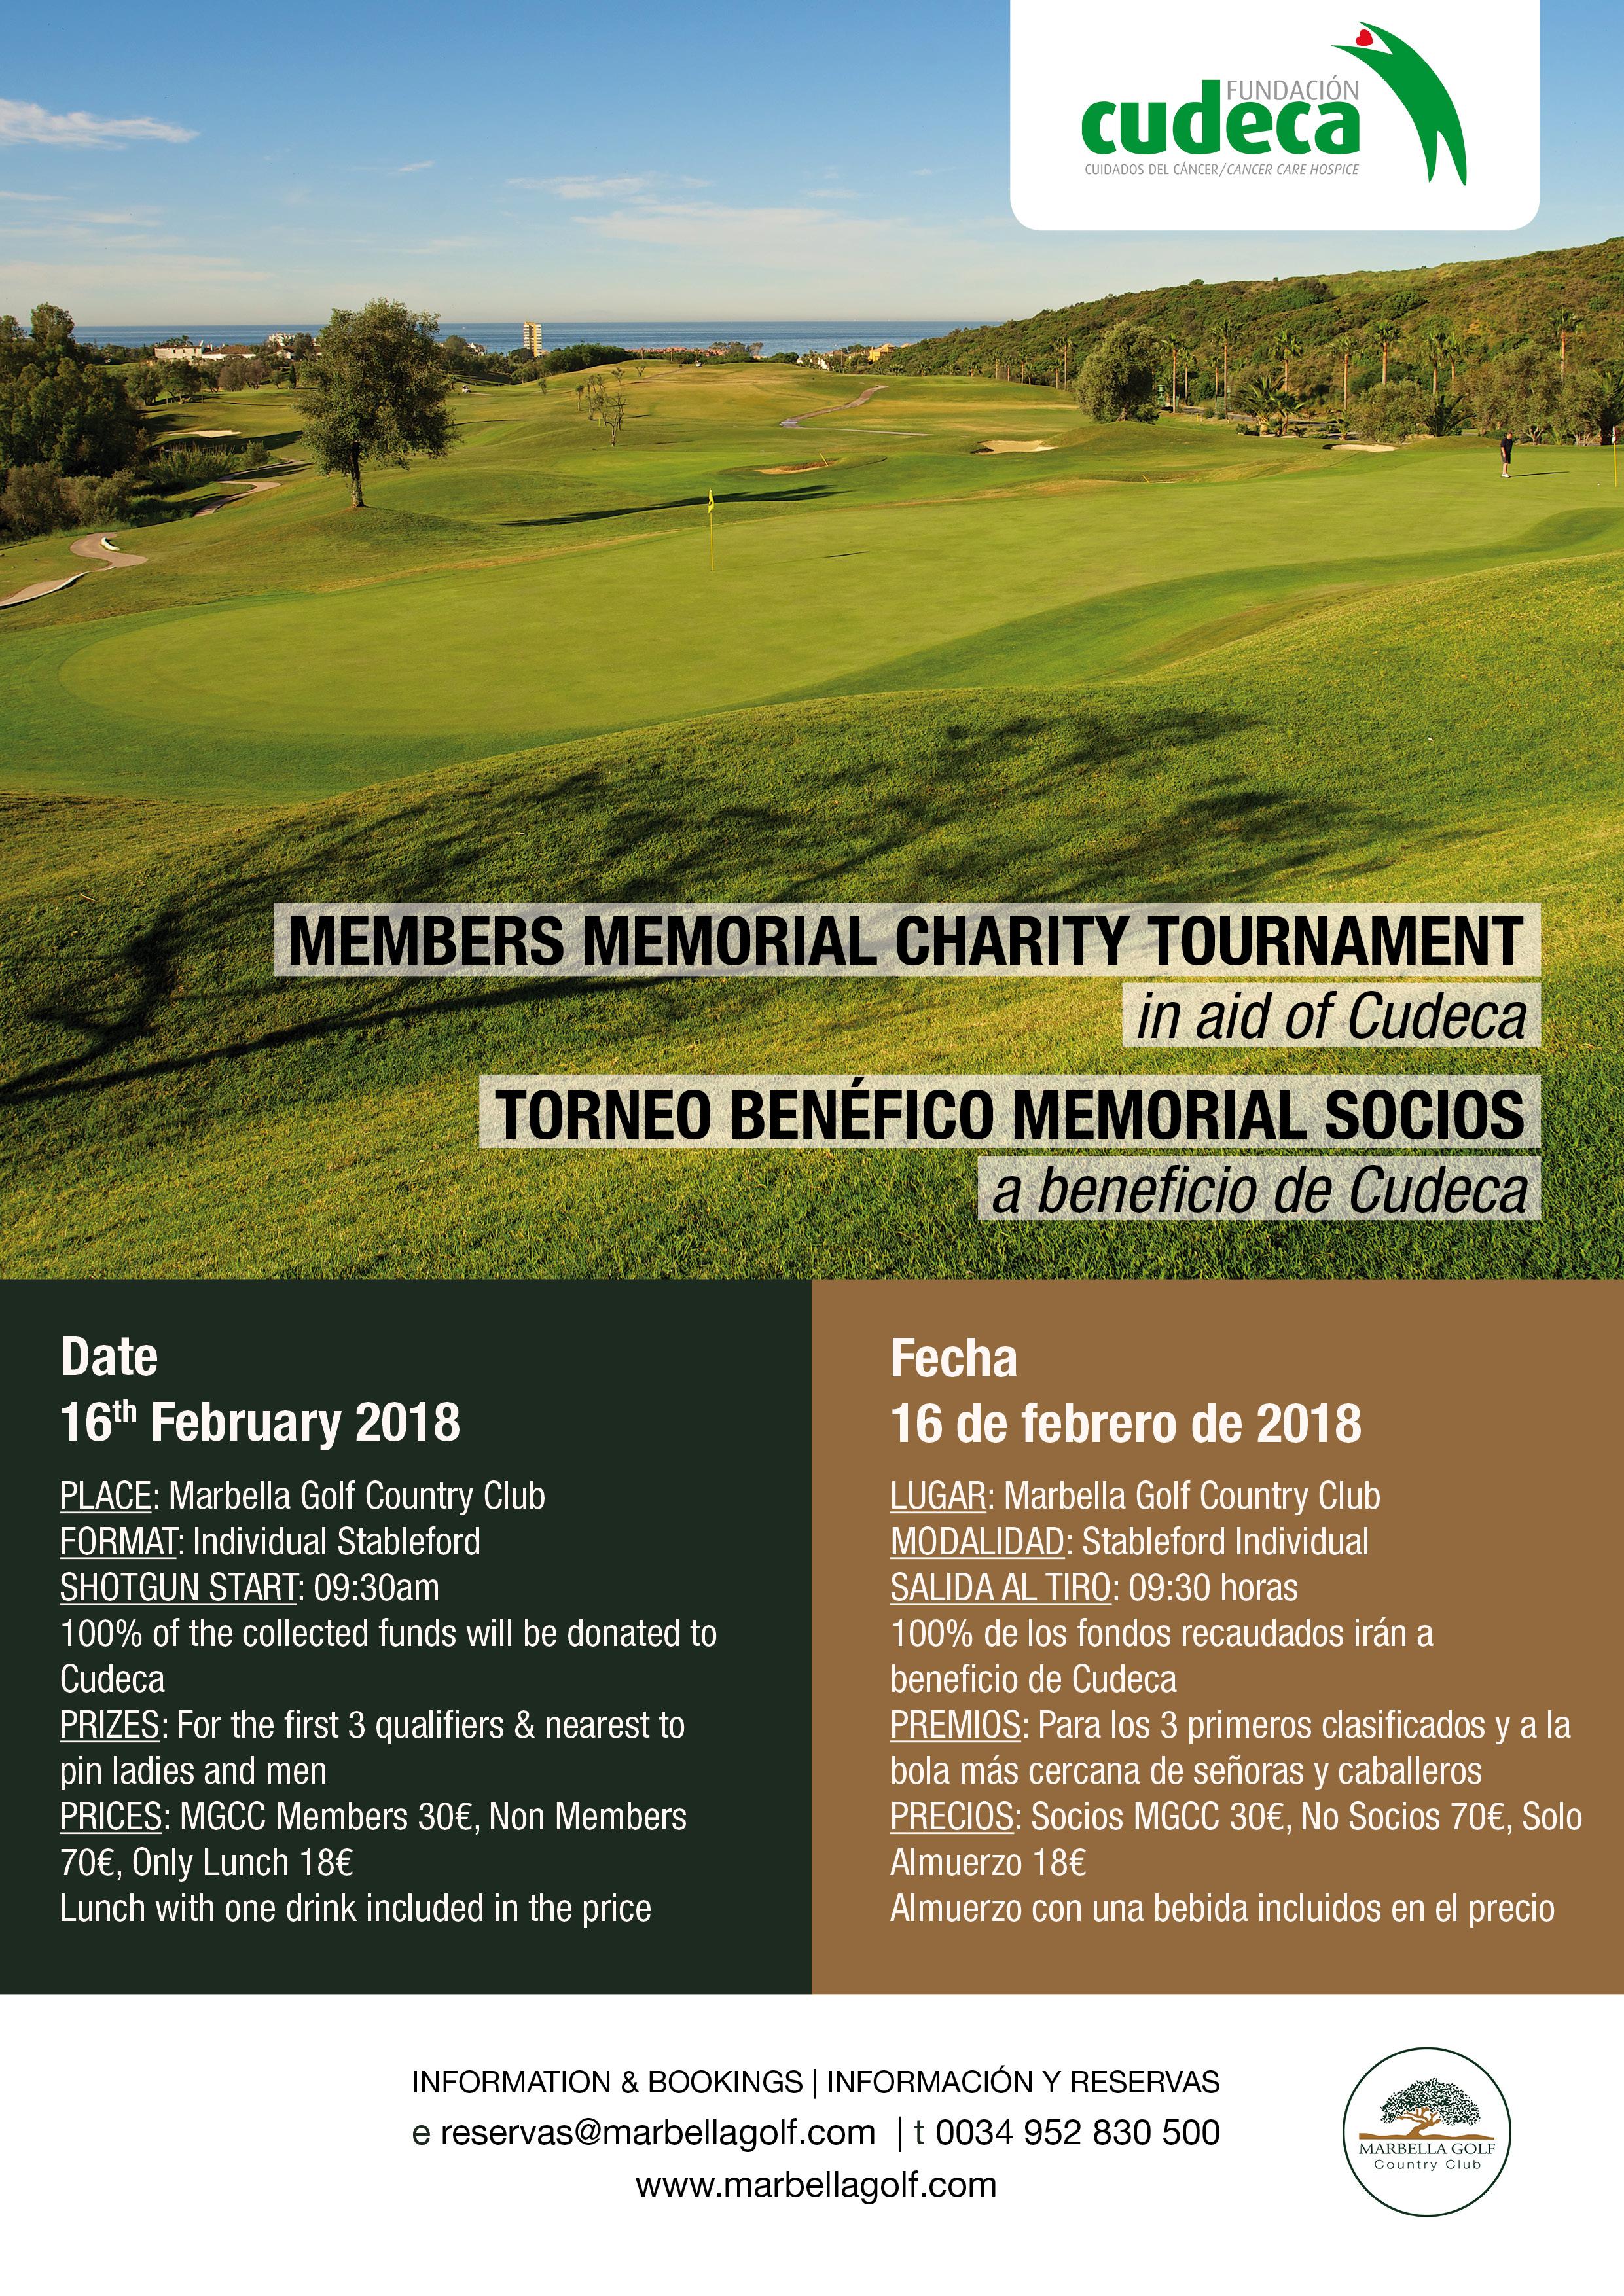 Members Memorial Charity Tournament – Marbella Golf & Country Club